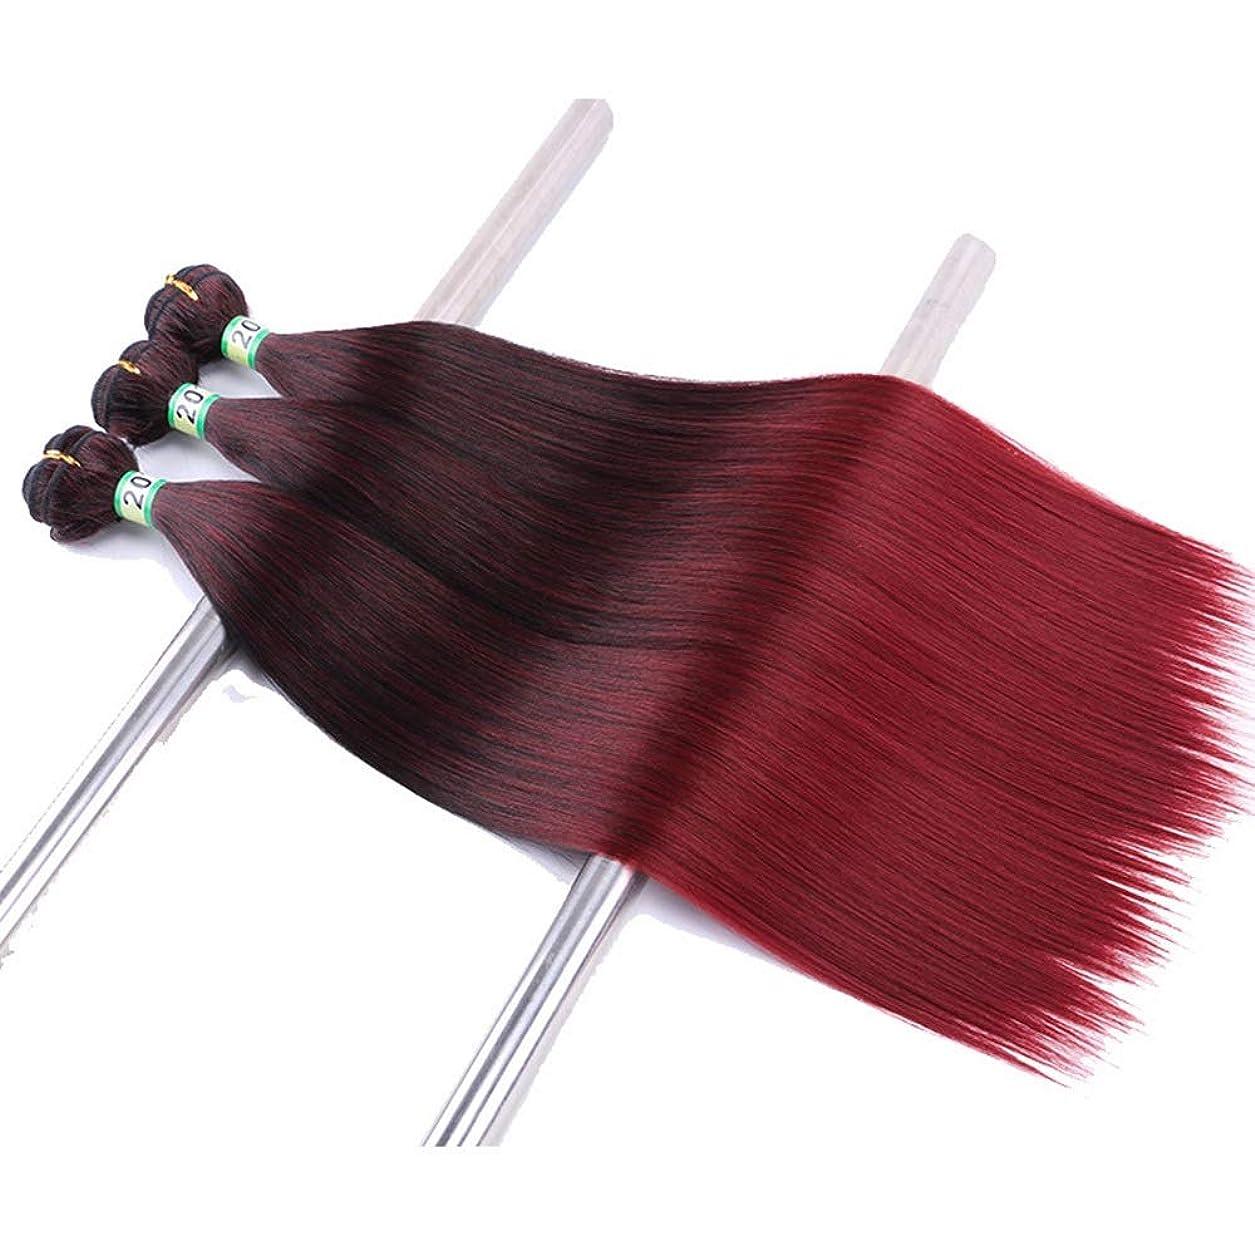 三角大通りマークYrattary ブラジルのストレートヘアエクステンションミックスカラーグラデーション3バンドル黒ワインレッド織りナチュラル探している合成髪レースかつらロールプレイングウィッグロングとショート女性自然 (色 : ワインレッド, サイズ : 8inch)